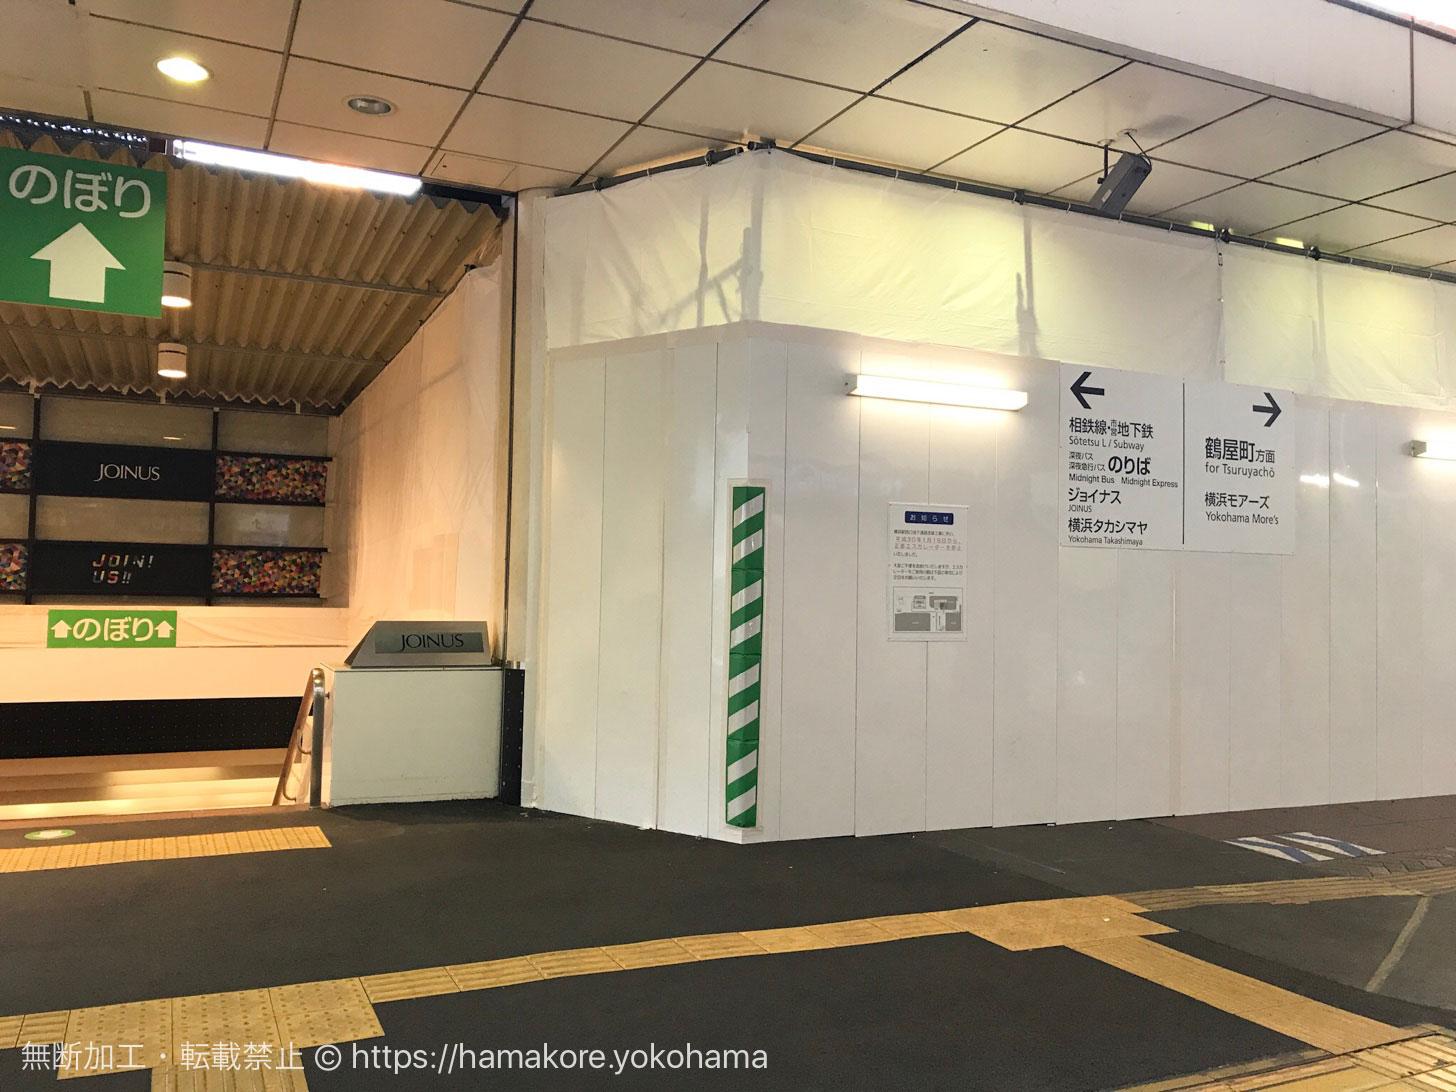 横浜駅 ジョイナス地下街と西口地上を繋ぐエスカレーターが閉鎖!馬の背解消か